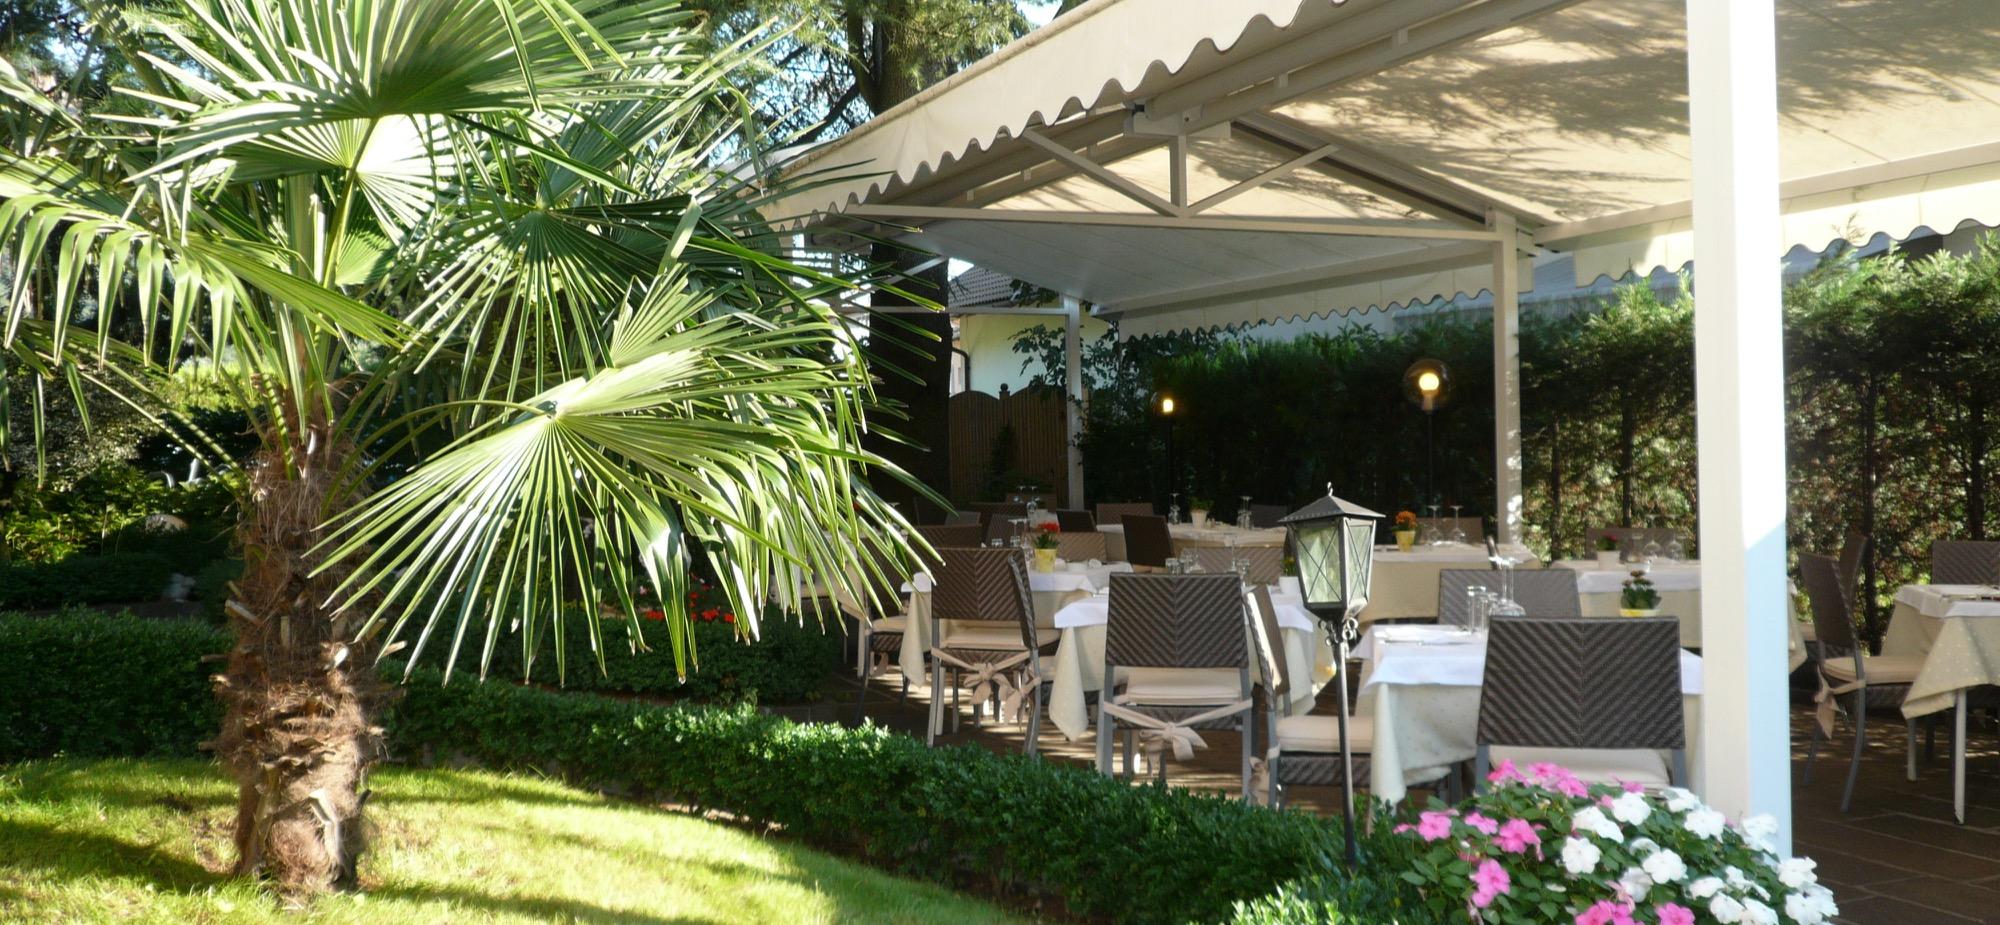 Terrasse Restaurant Weingarten Terlan